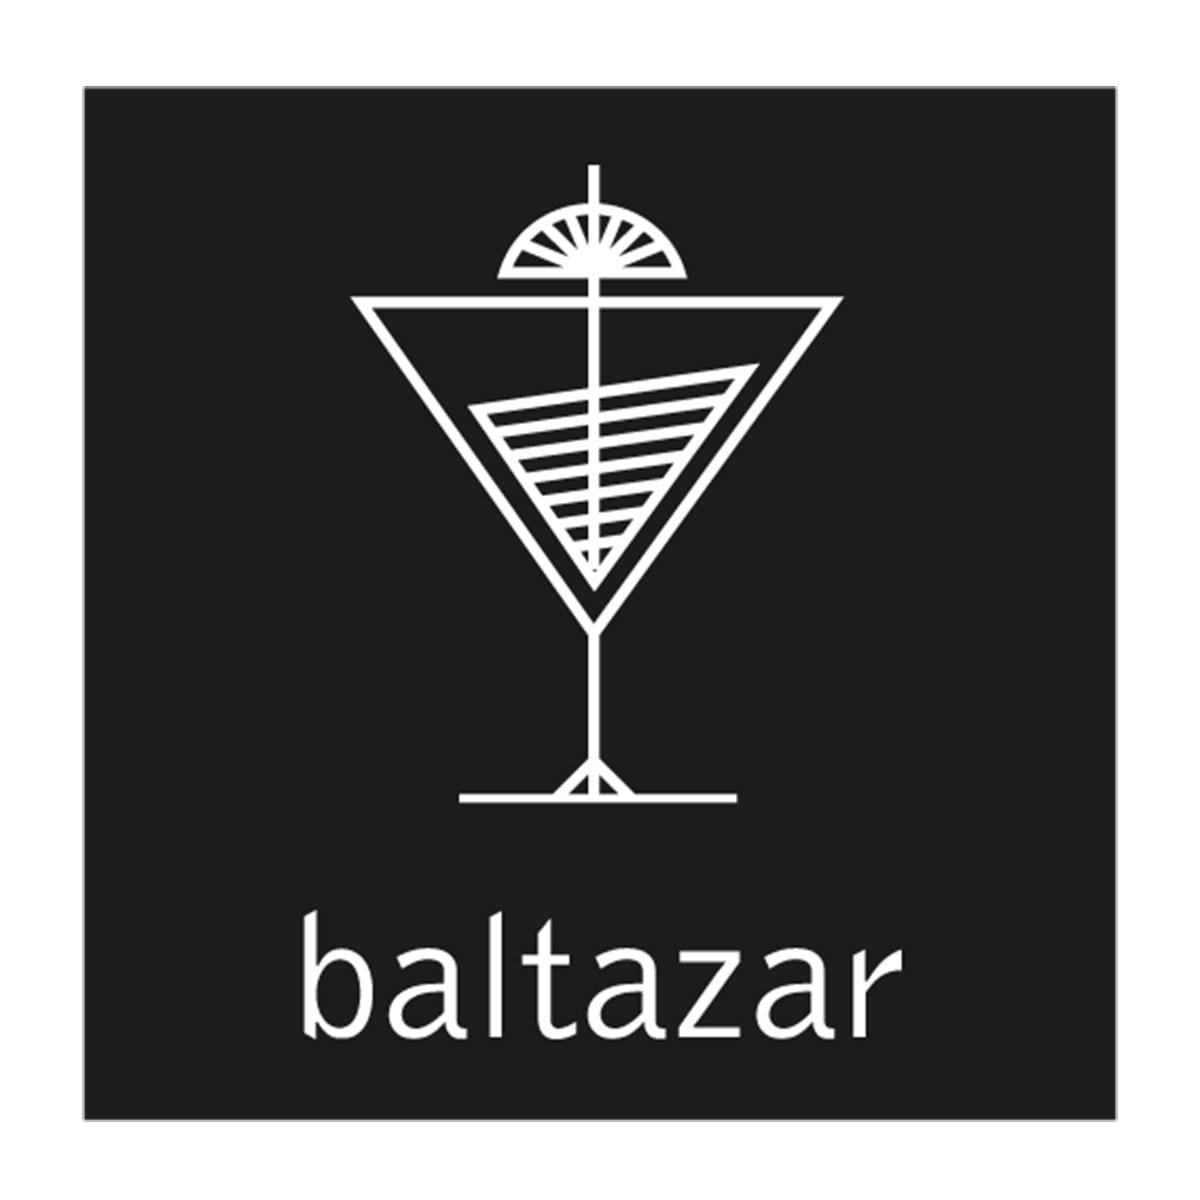 baltazar bar Logo